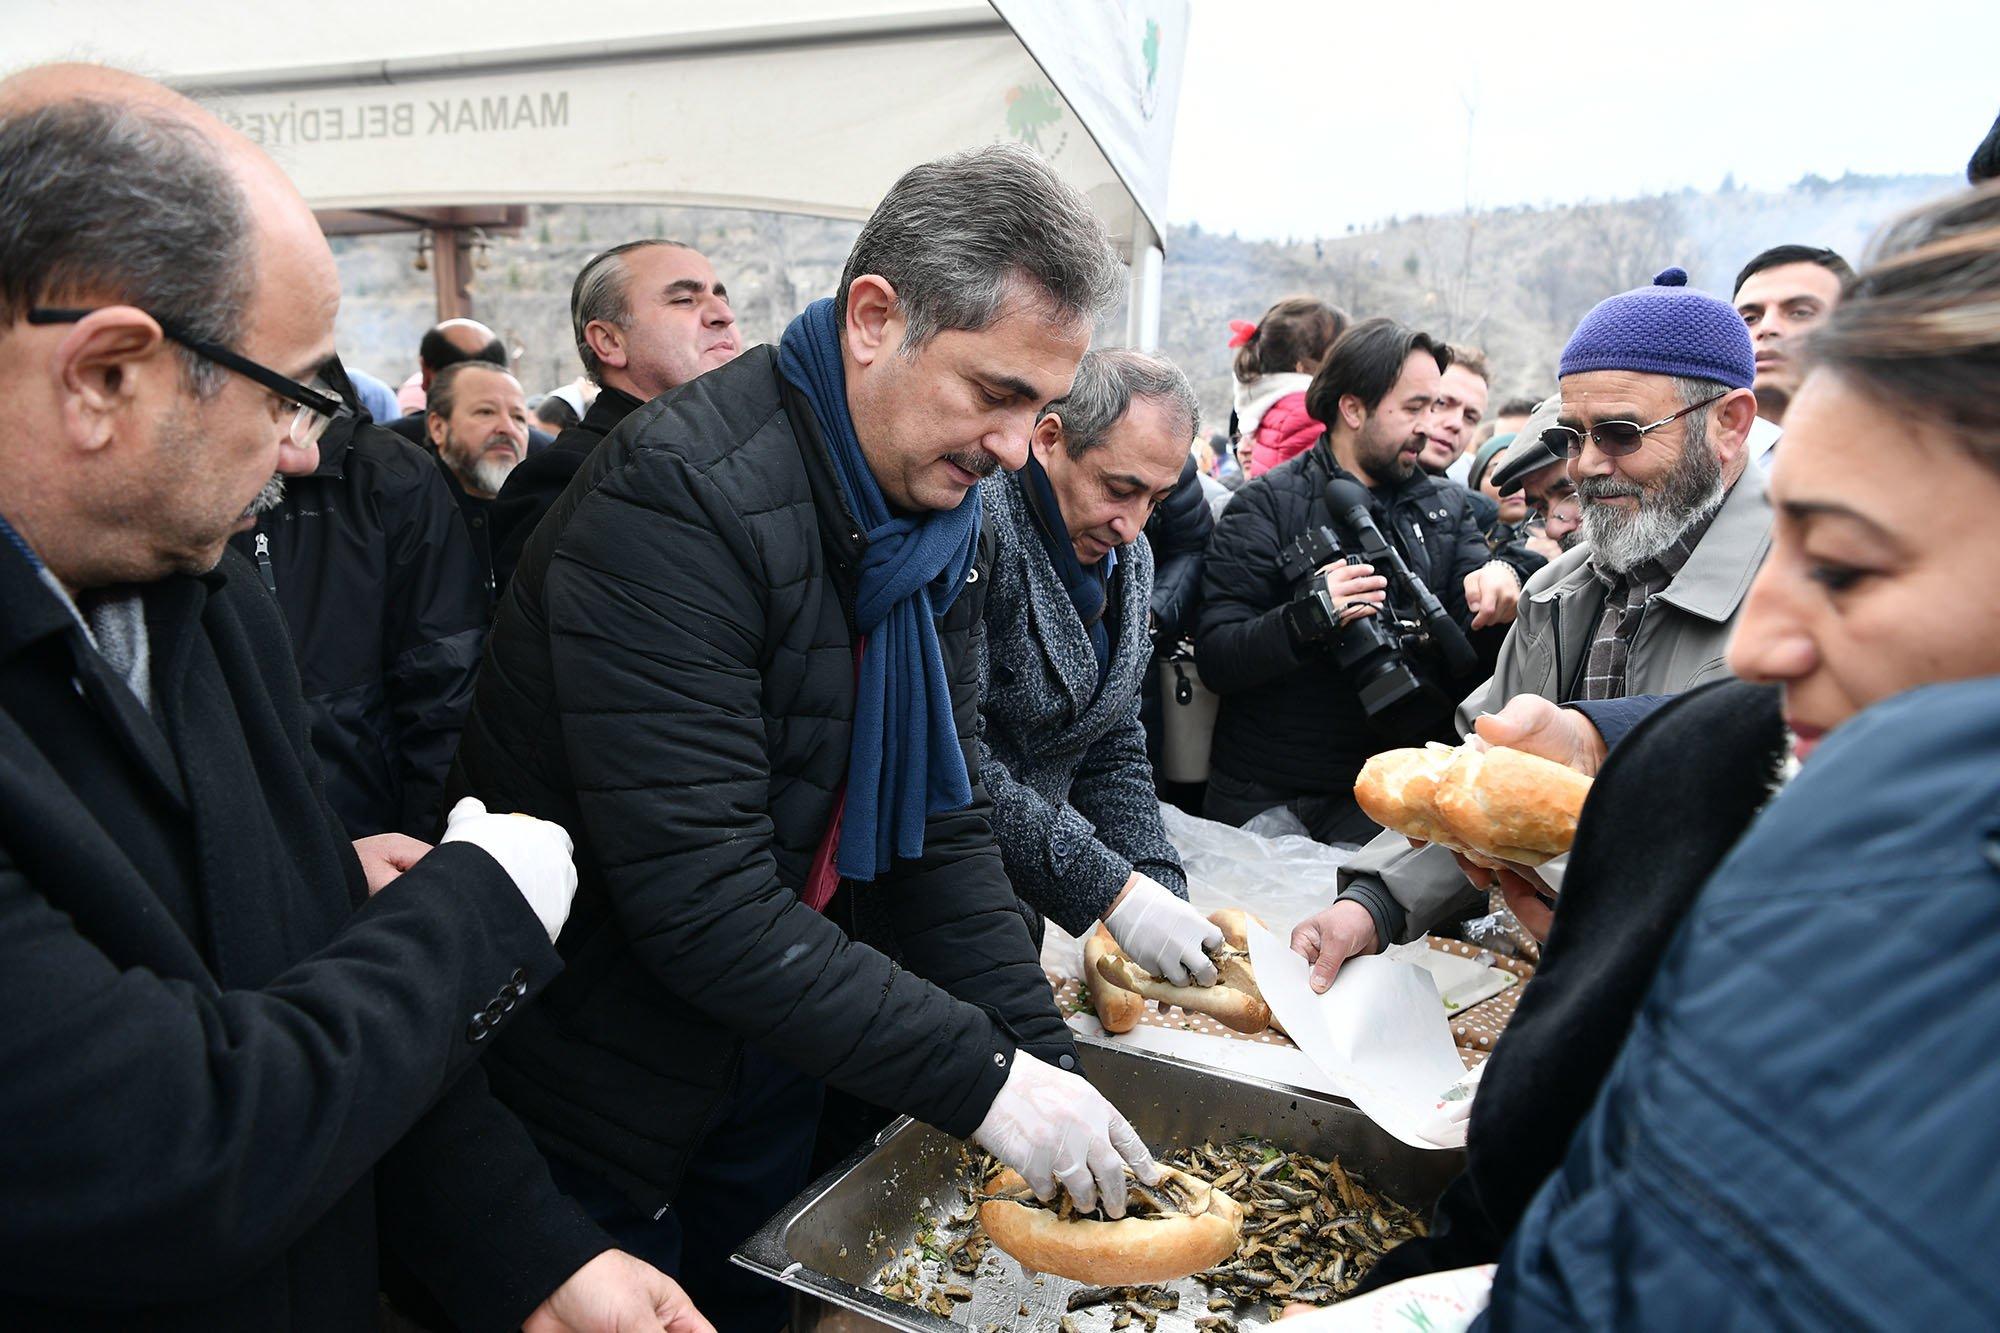 Balık Karadeniz'de Yakalanır, Mamak'ta Yenir